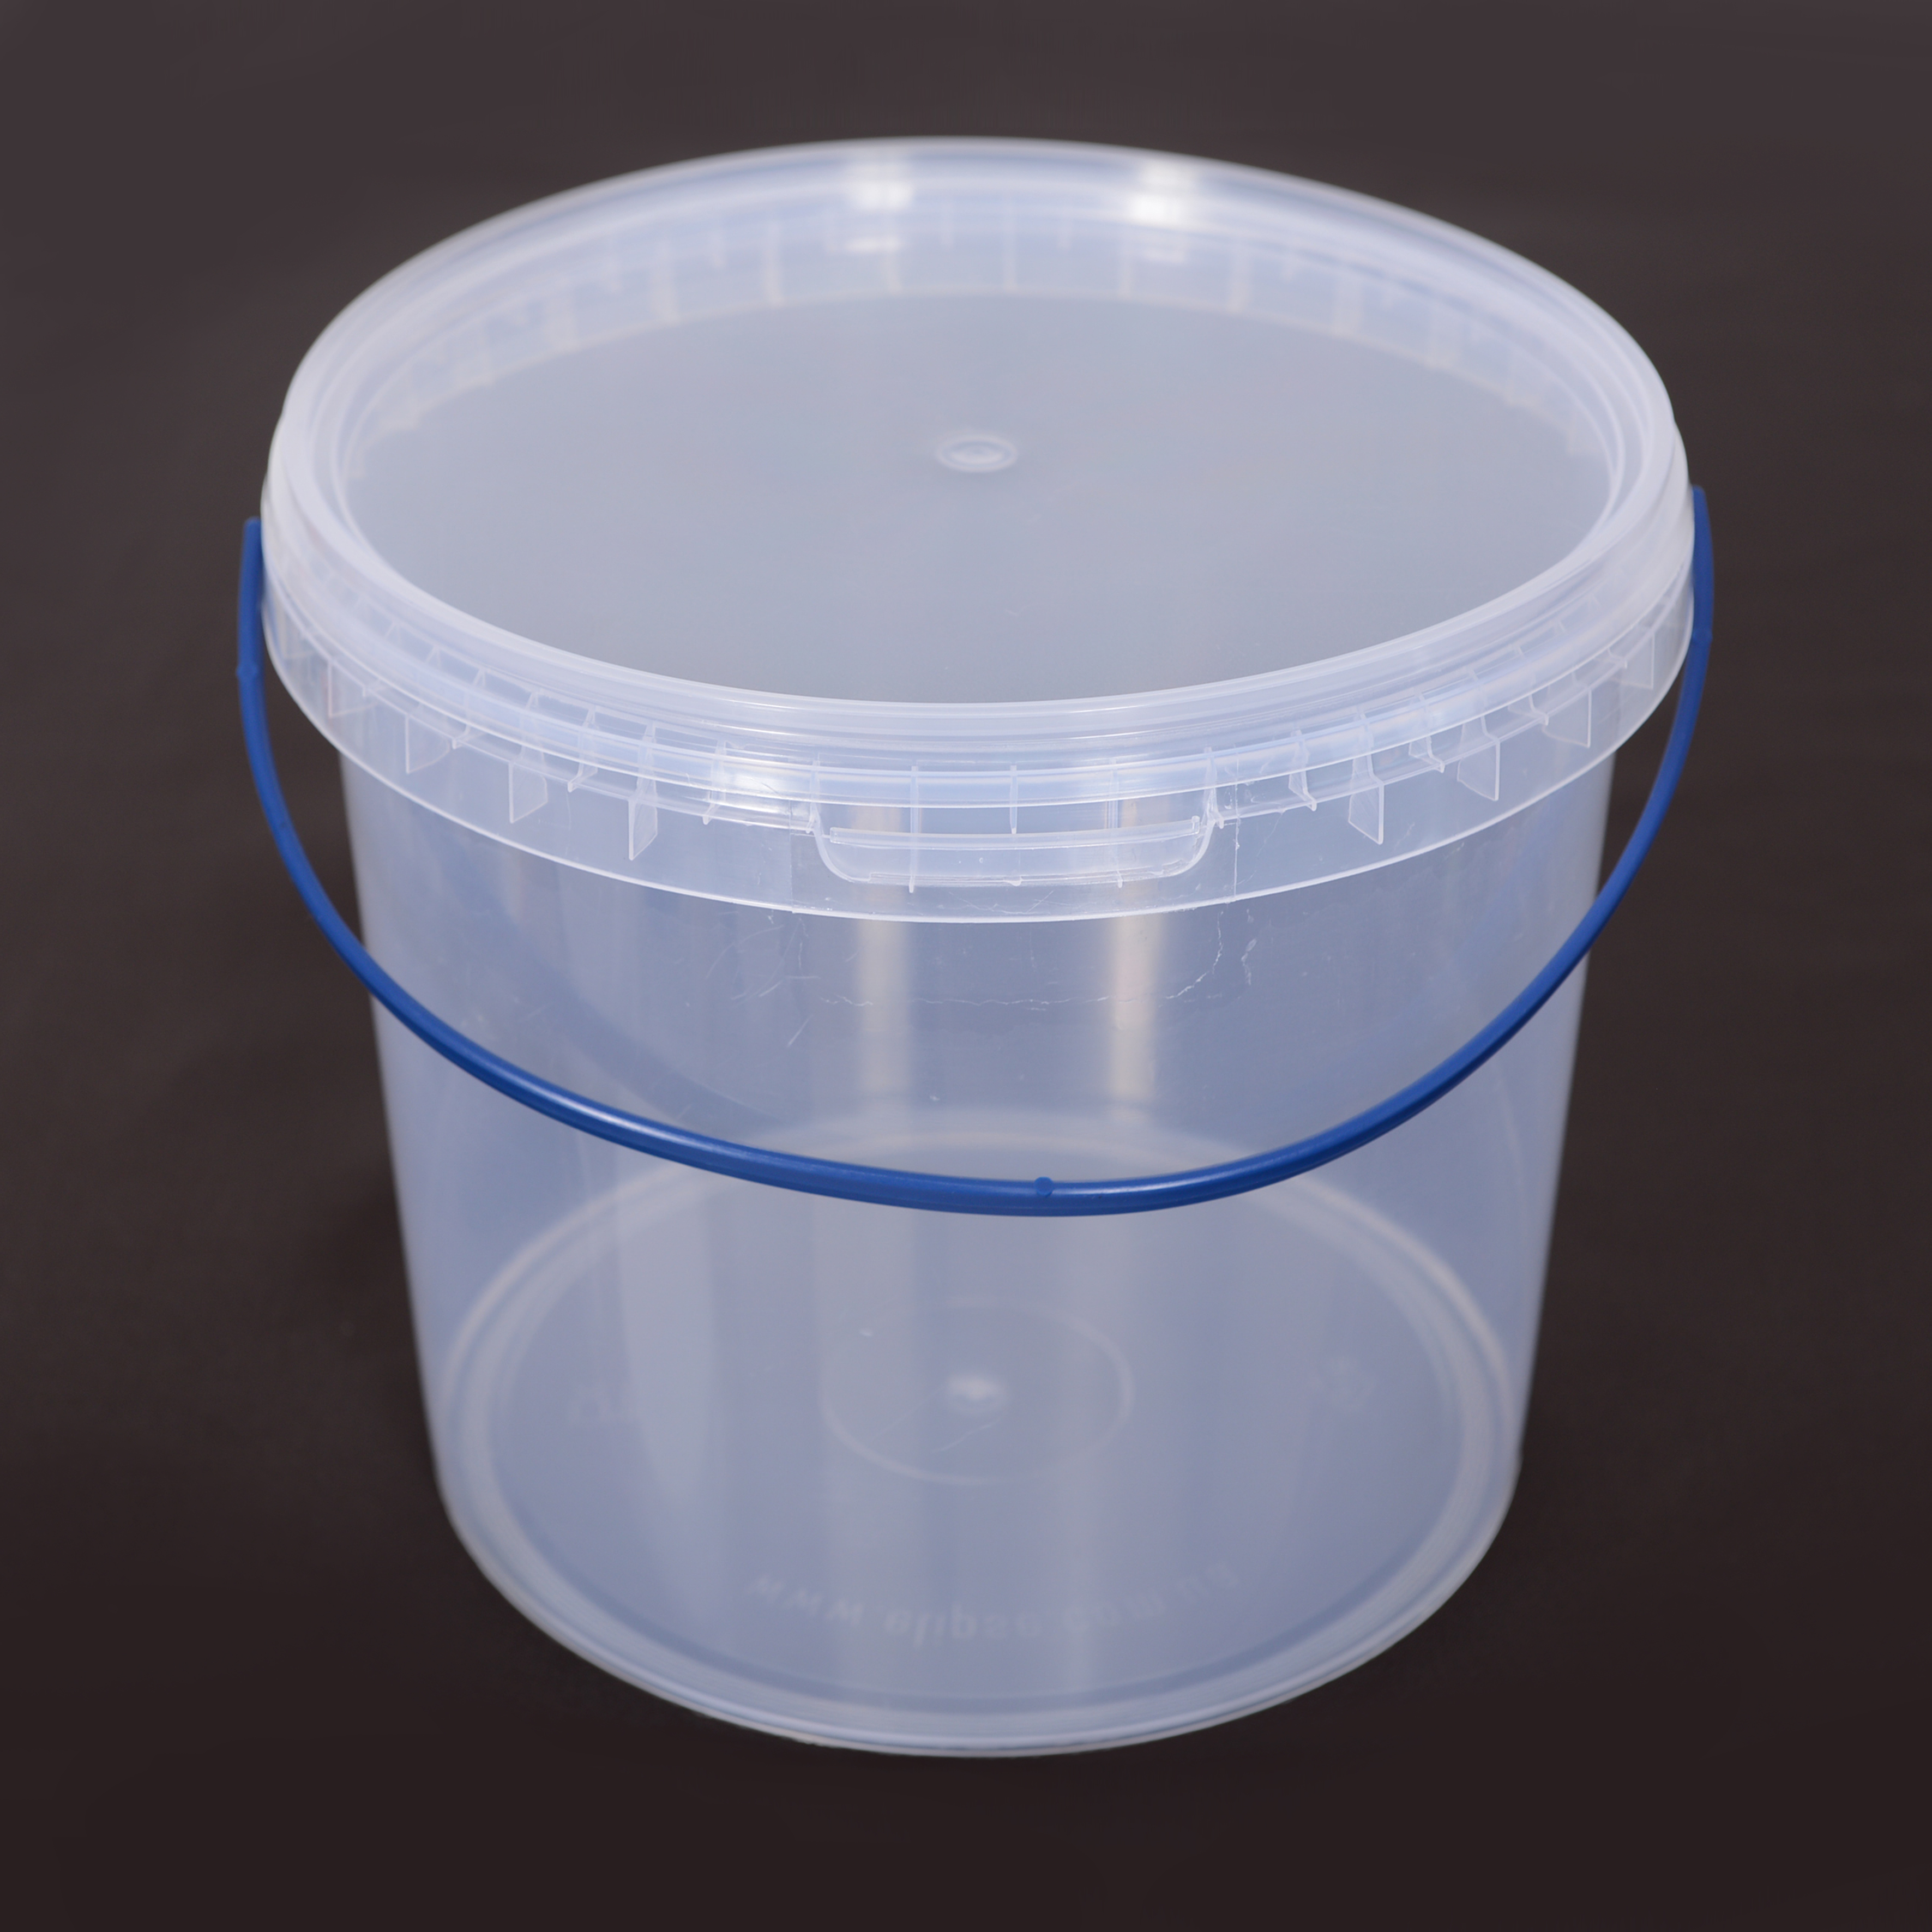 Ведро пищевое 3,3 л пластиковое Прозрачный